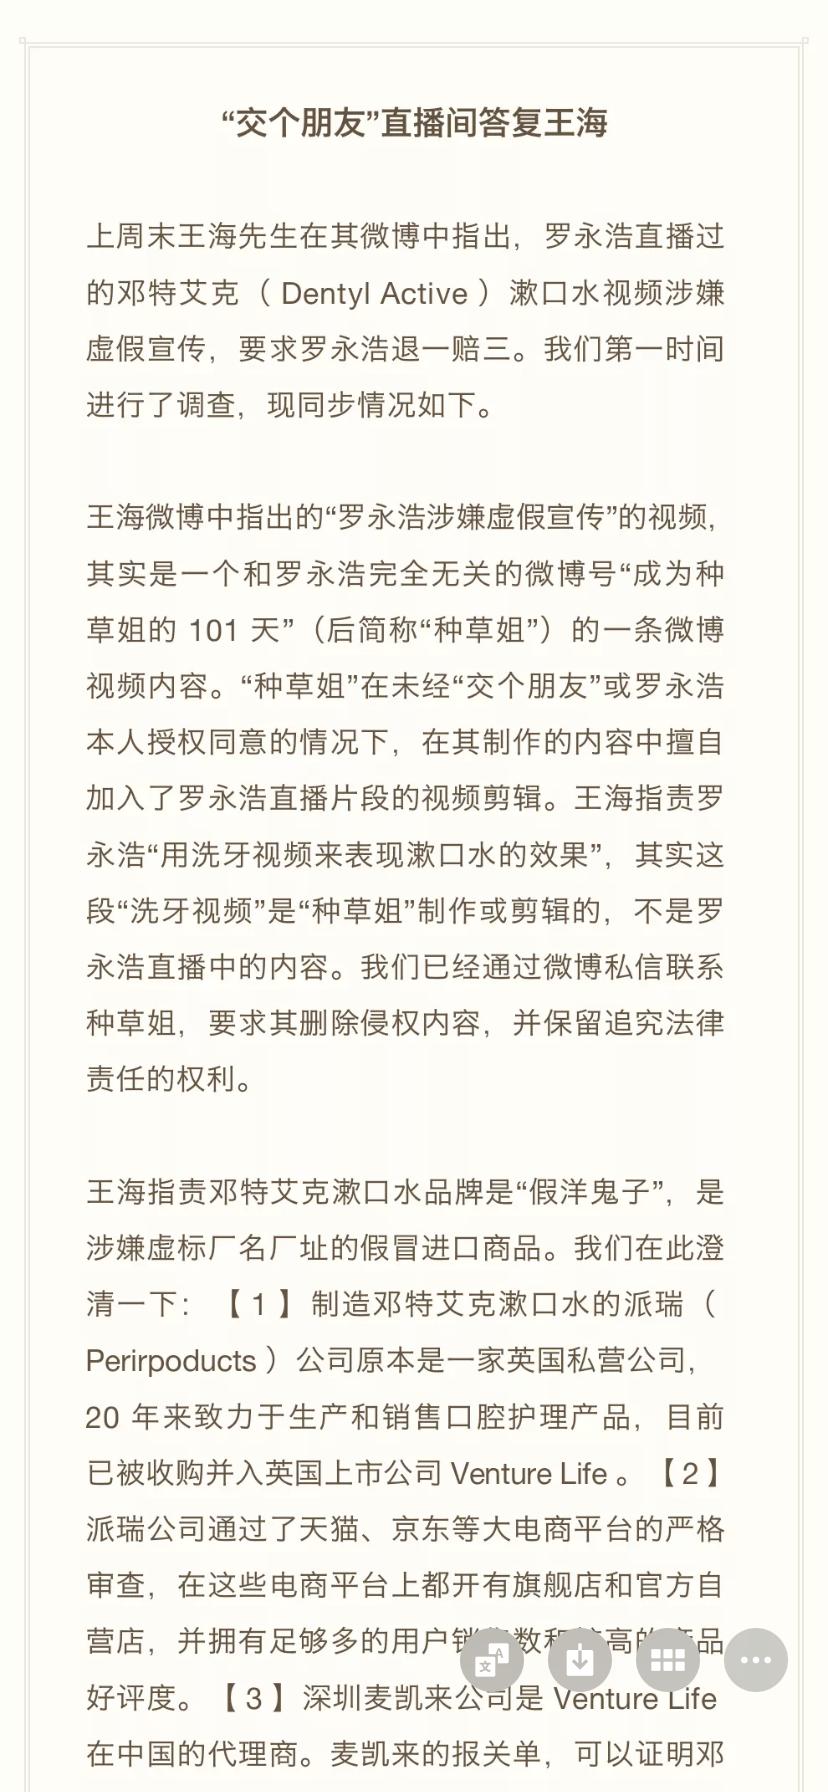 """丹特艾克漱口水带货涉假直播?罗永浩再次被王海质疑为""""推卸责任"""""""